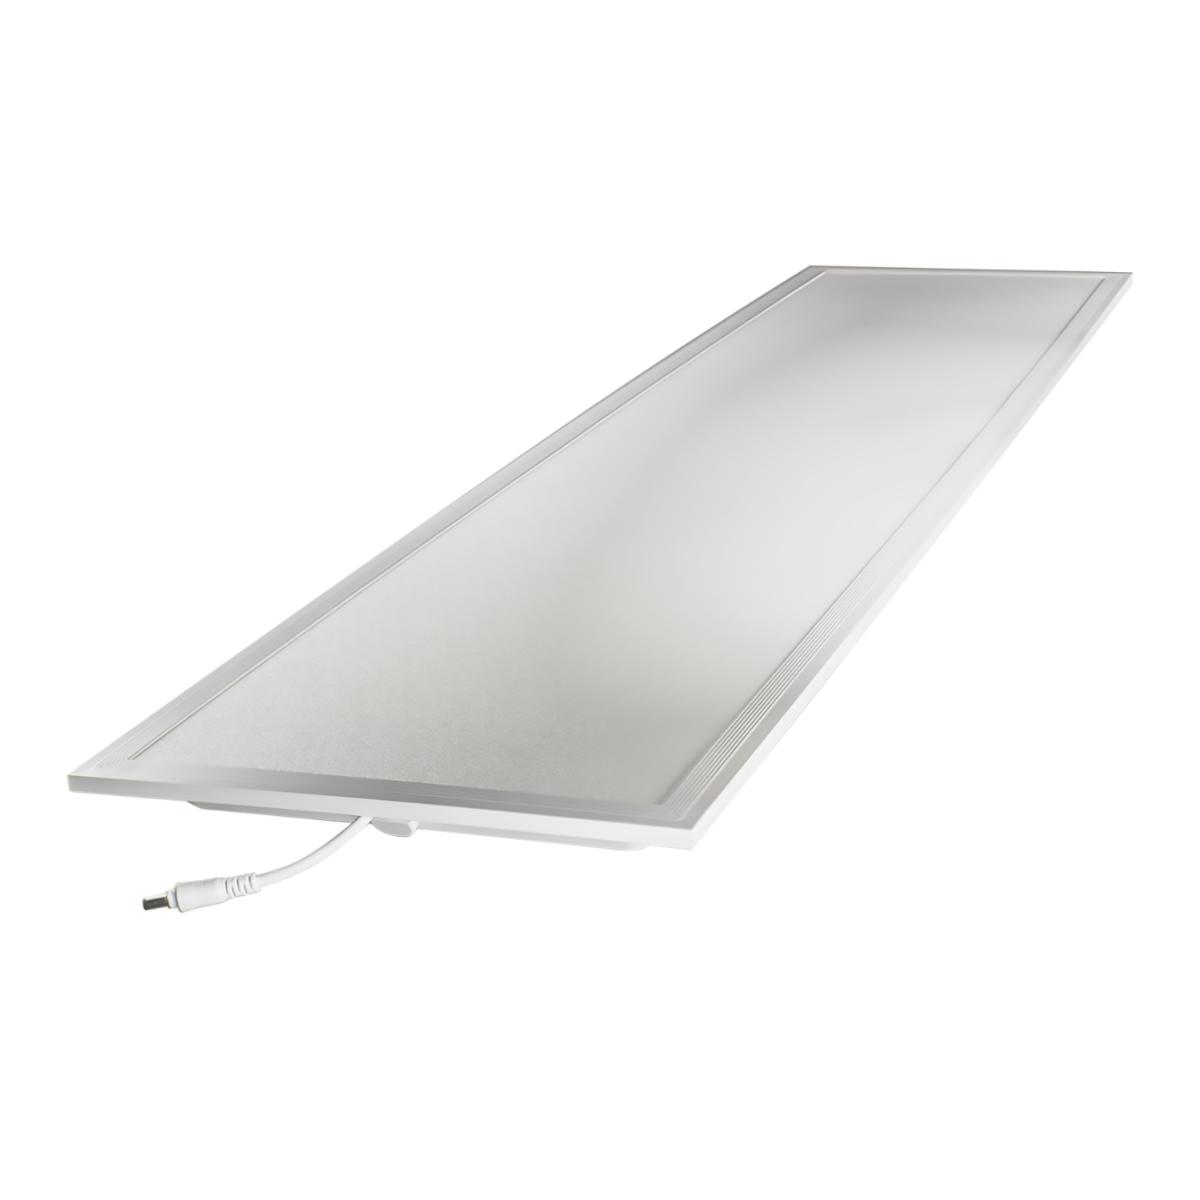 Noxion Panneau LED Econox 32W 30x120cm 4000K 4400lm UGR <22 | Blanc Froid - Substitut 2x36W